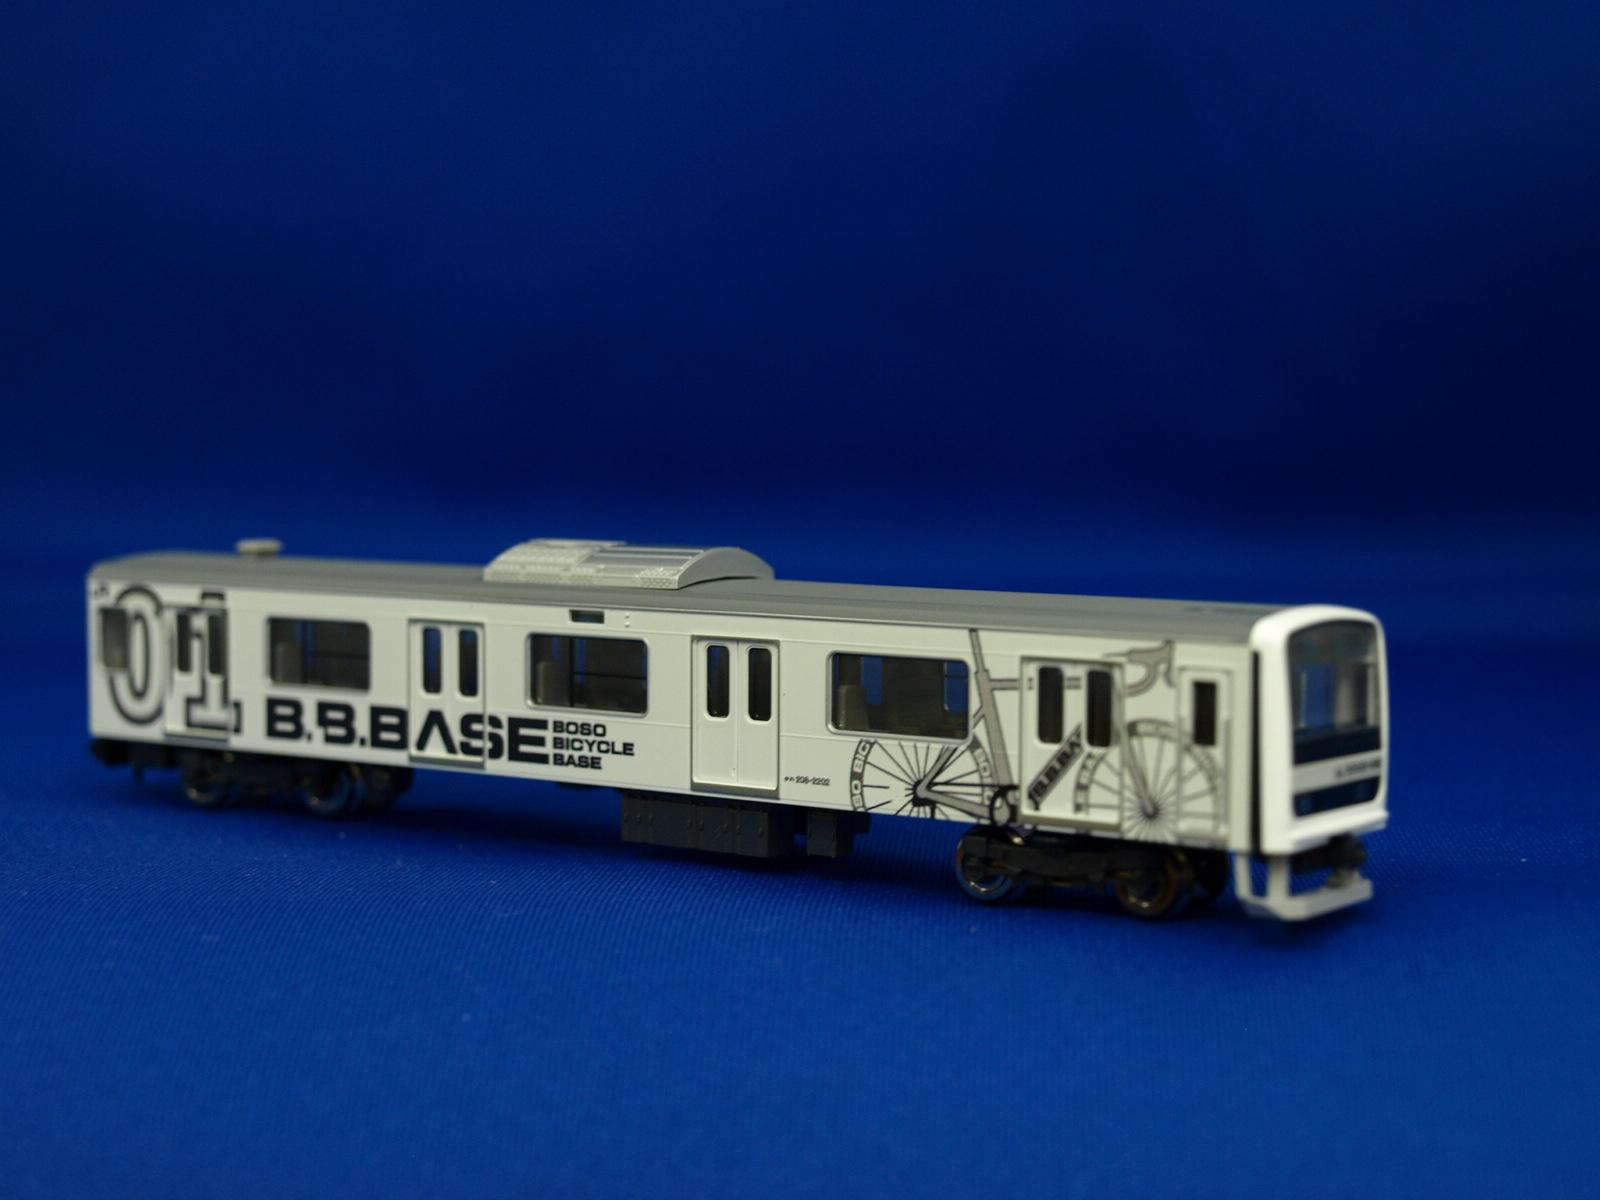 殿堂 Nゲージ BICYCLE トミックス 98643 JR JR 209-2200系電車(BOSO BASE)6両セット BICYCLE BASE)6両セット, SCOOPS:d02b15e2 --- clftranspo.dominiotemporario.com